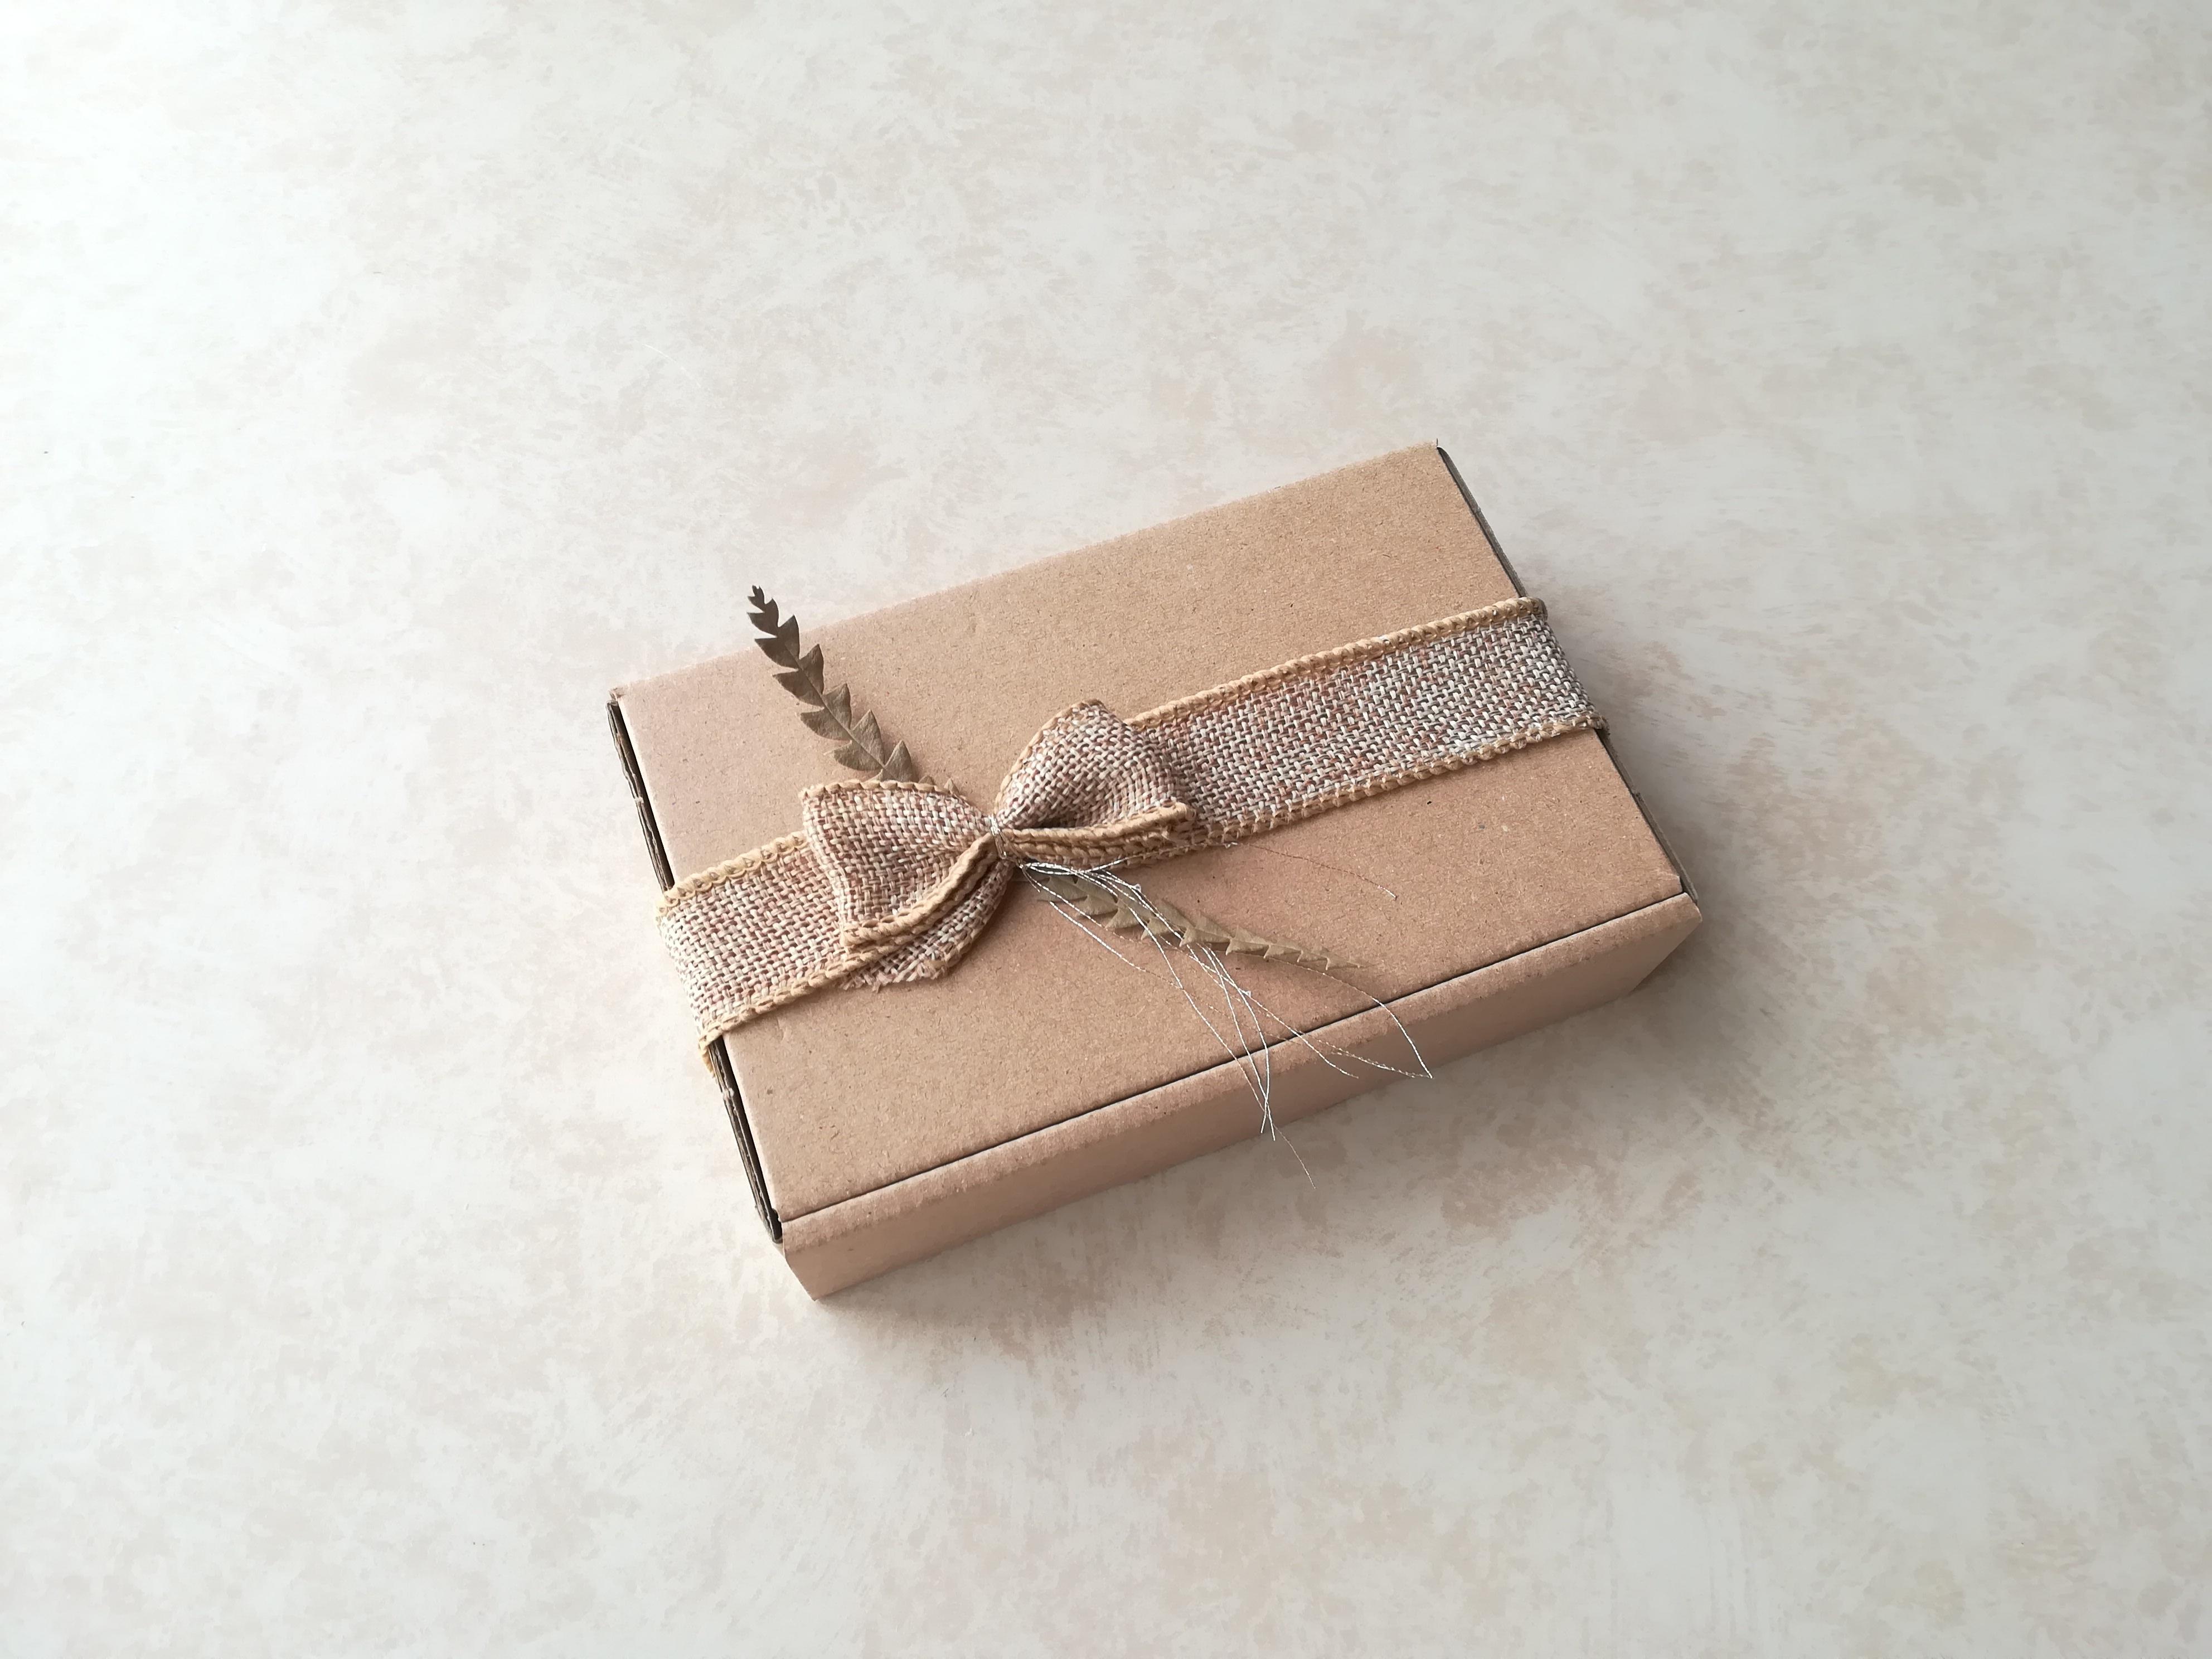 BOXをご希望の場合は、サイズの関係上、レターパックプラスをお選びください。